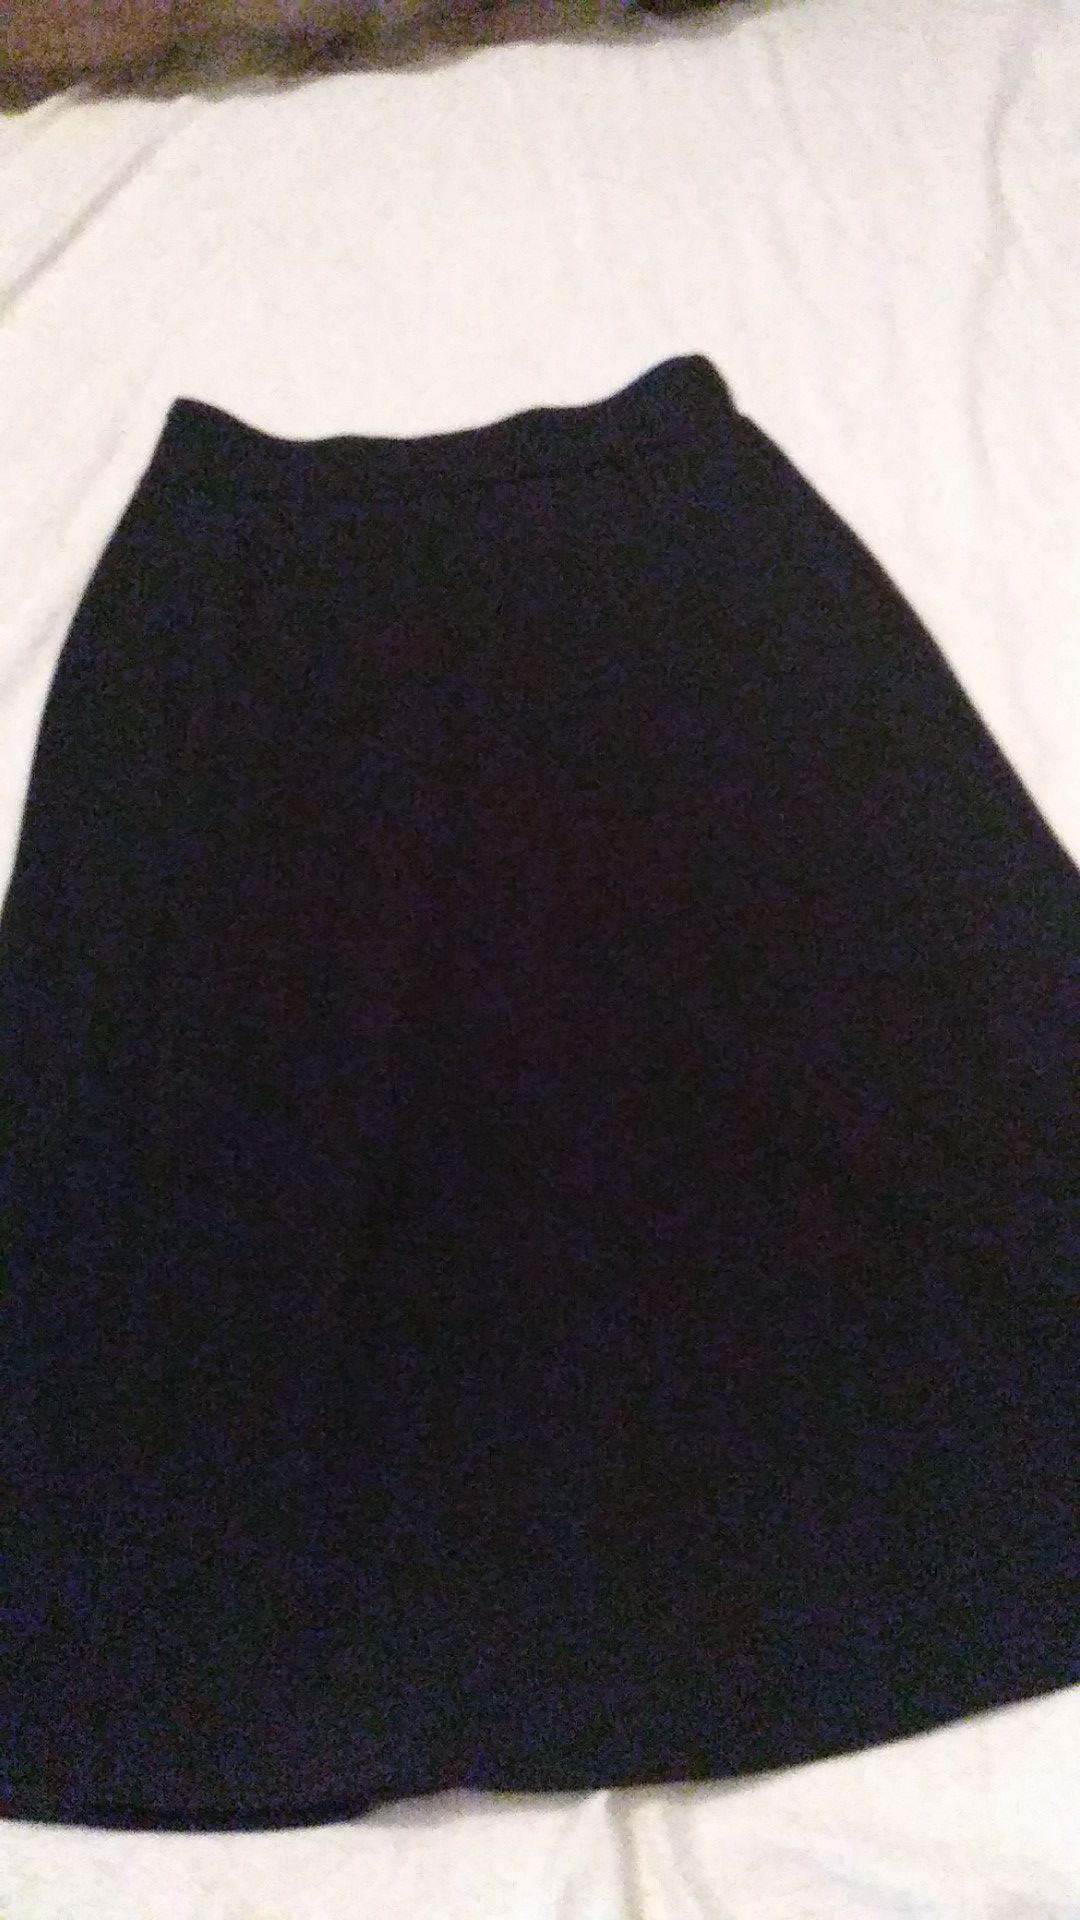 una falda negra talla M para mujer